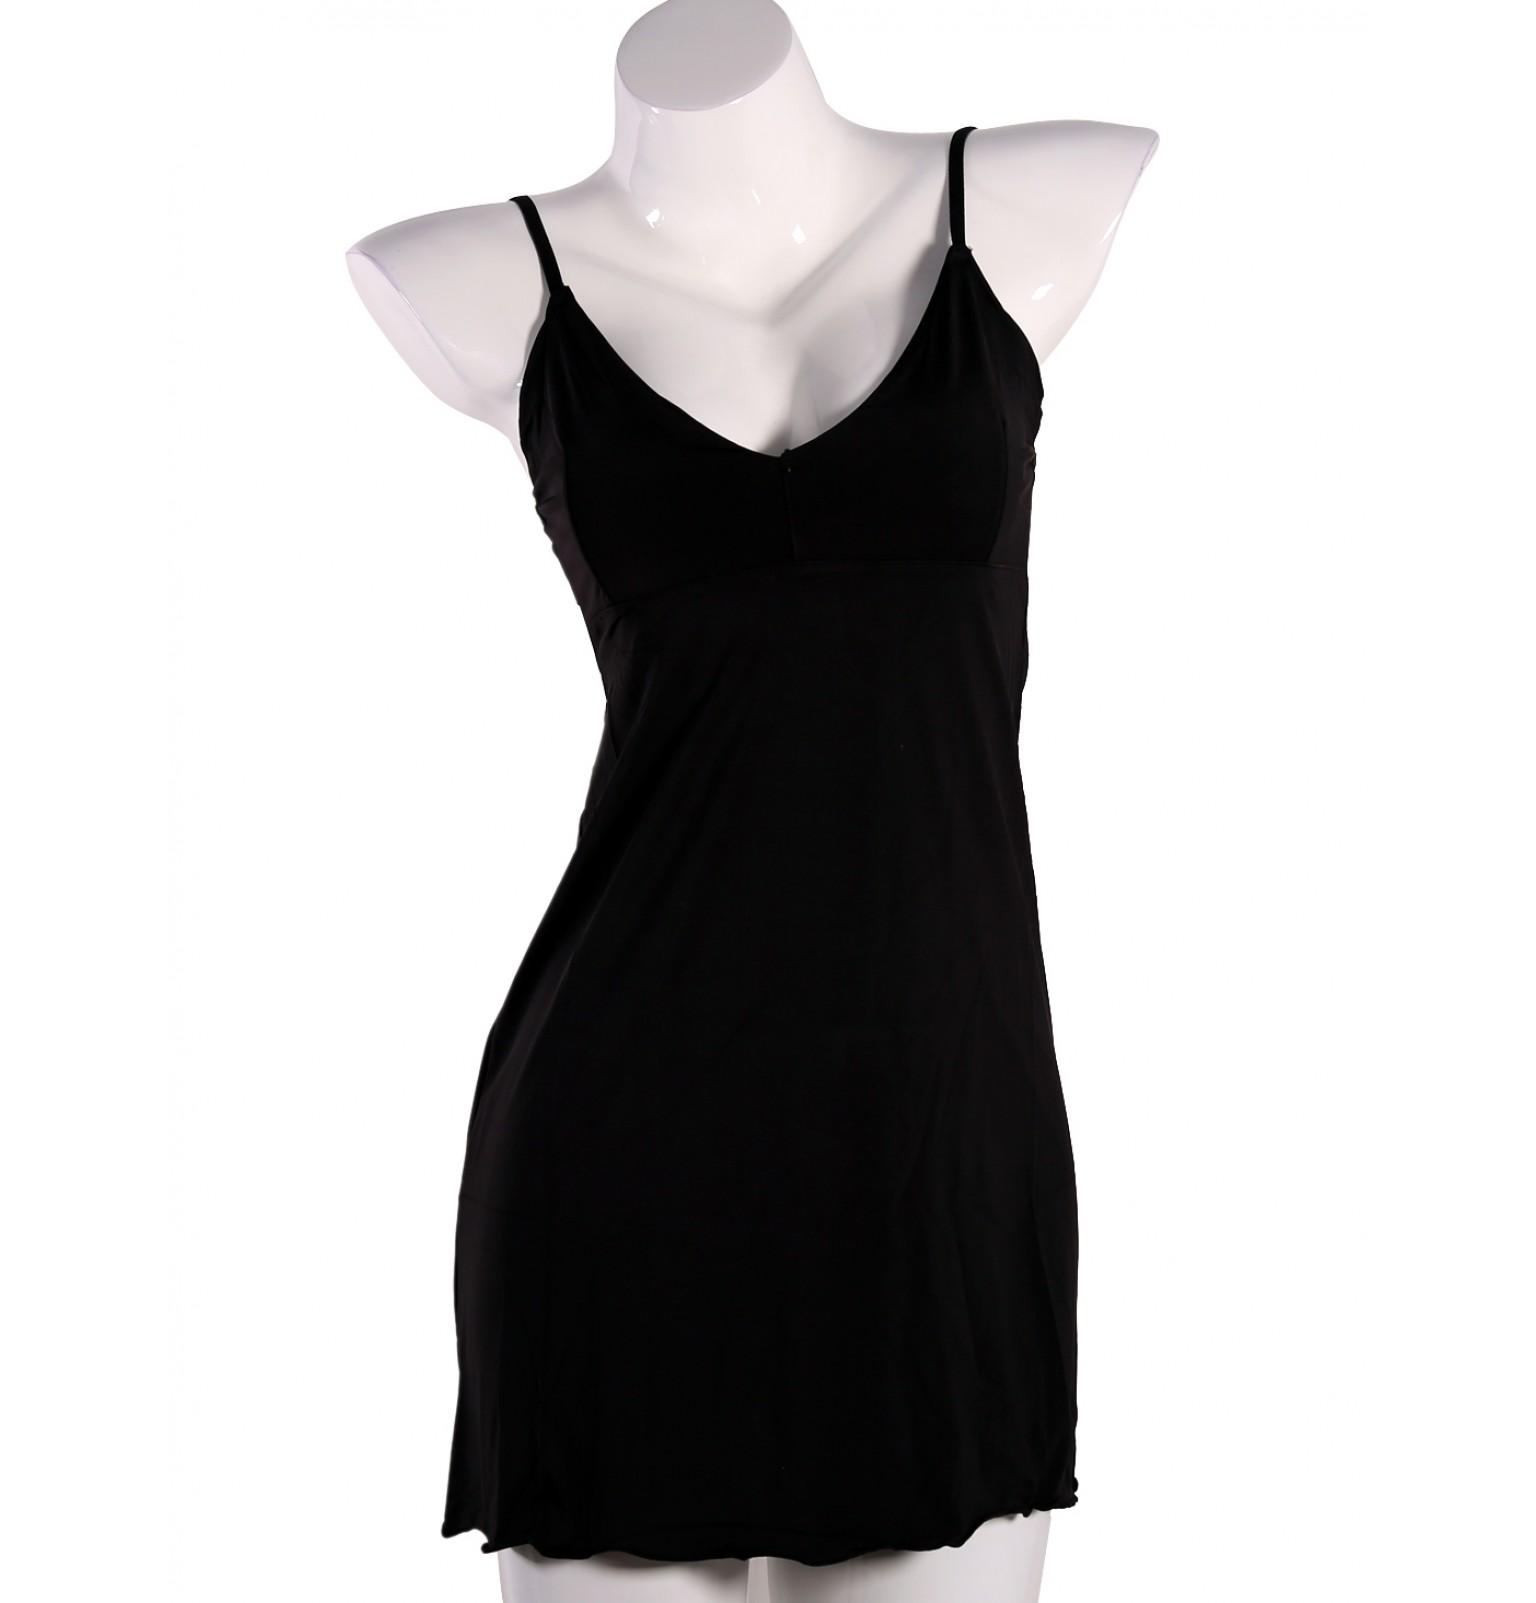 بالصور قمصان نوم قصيرة , اجمد تشكيلة لقمصان النوم القصيرة 5932 4